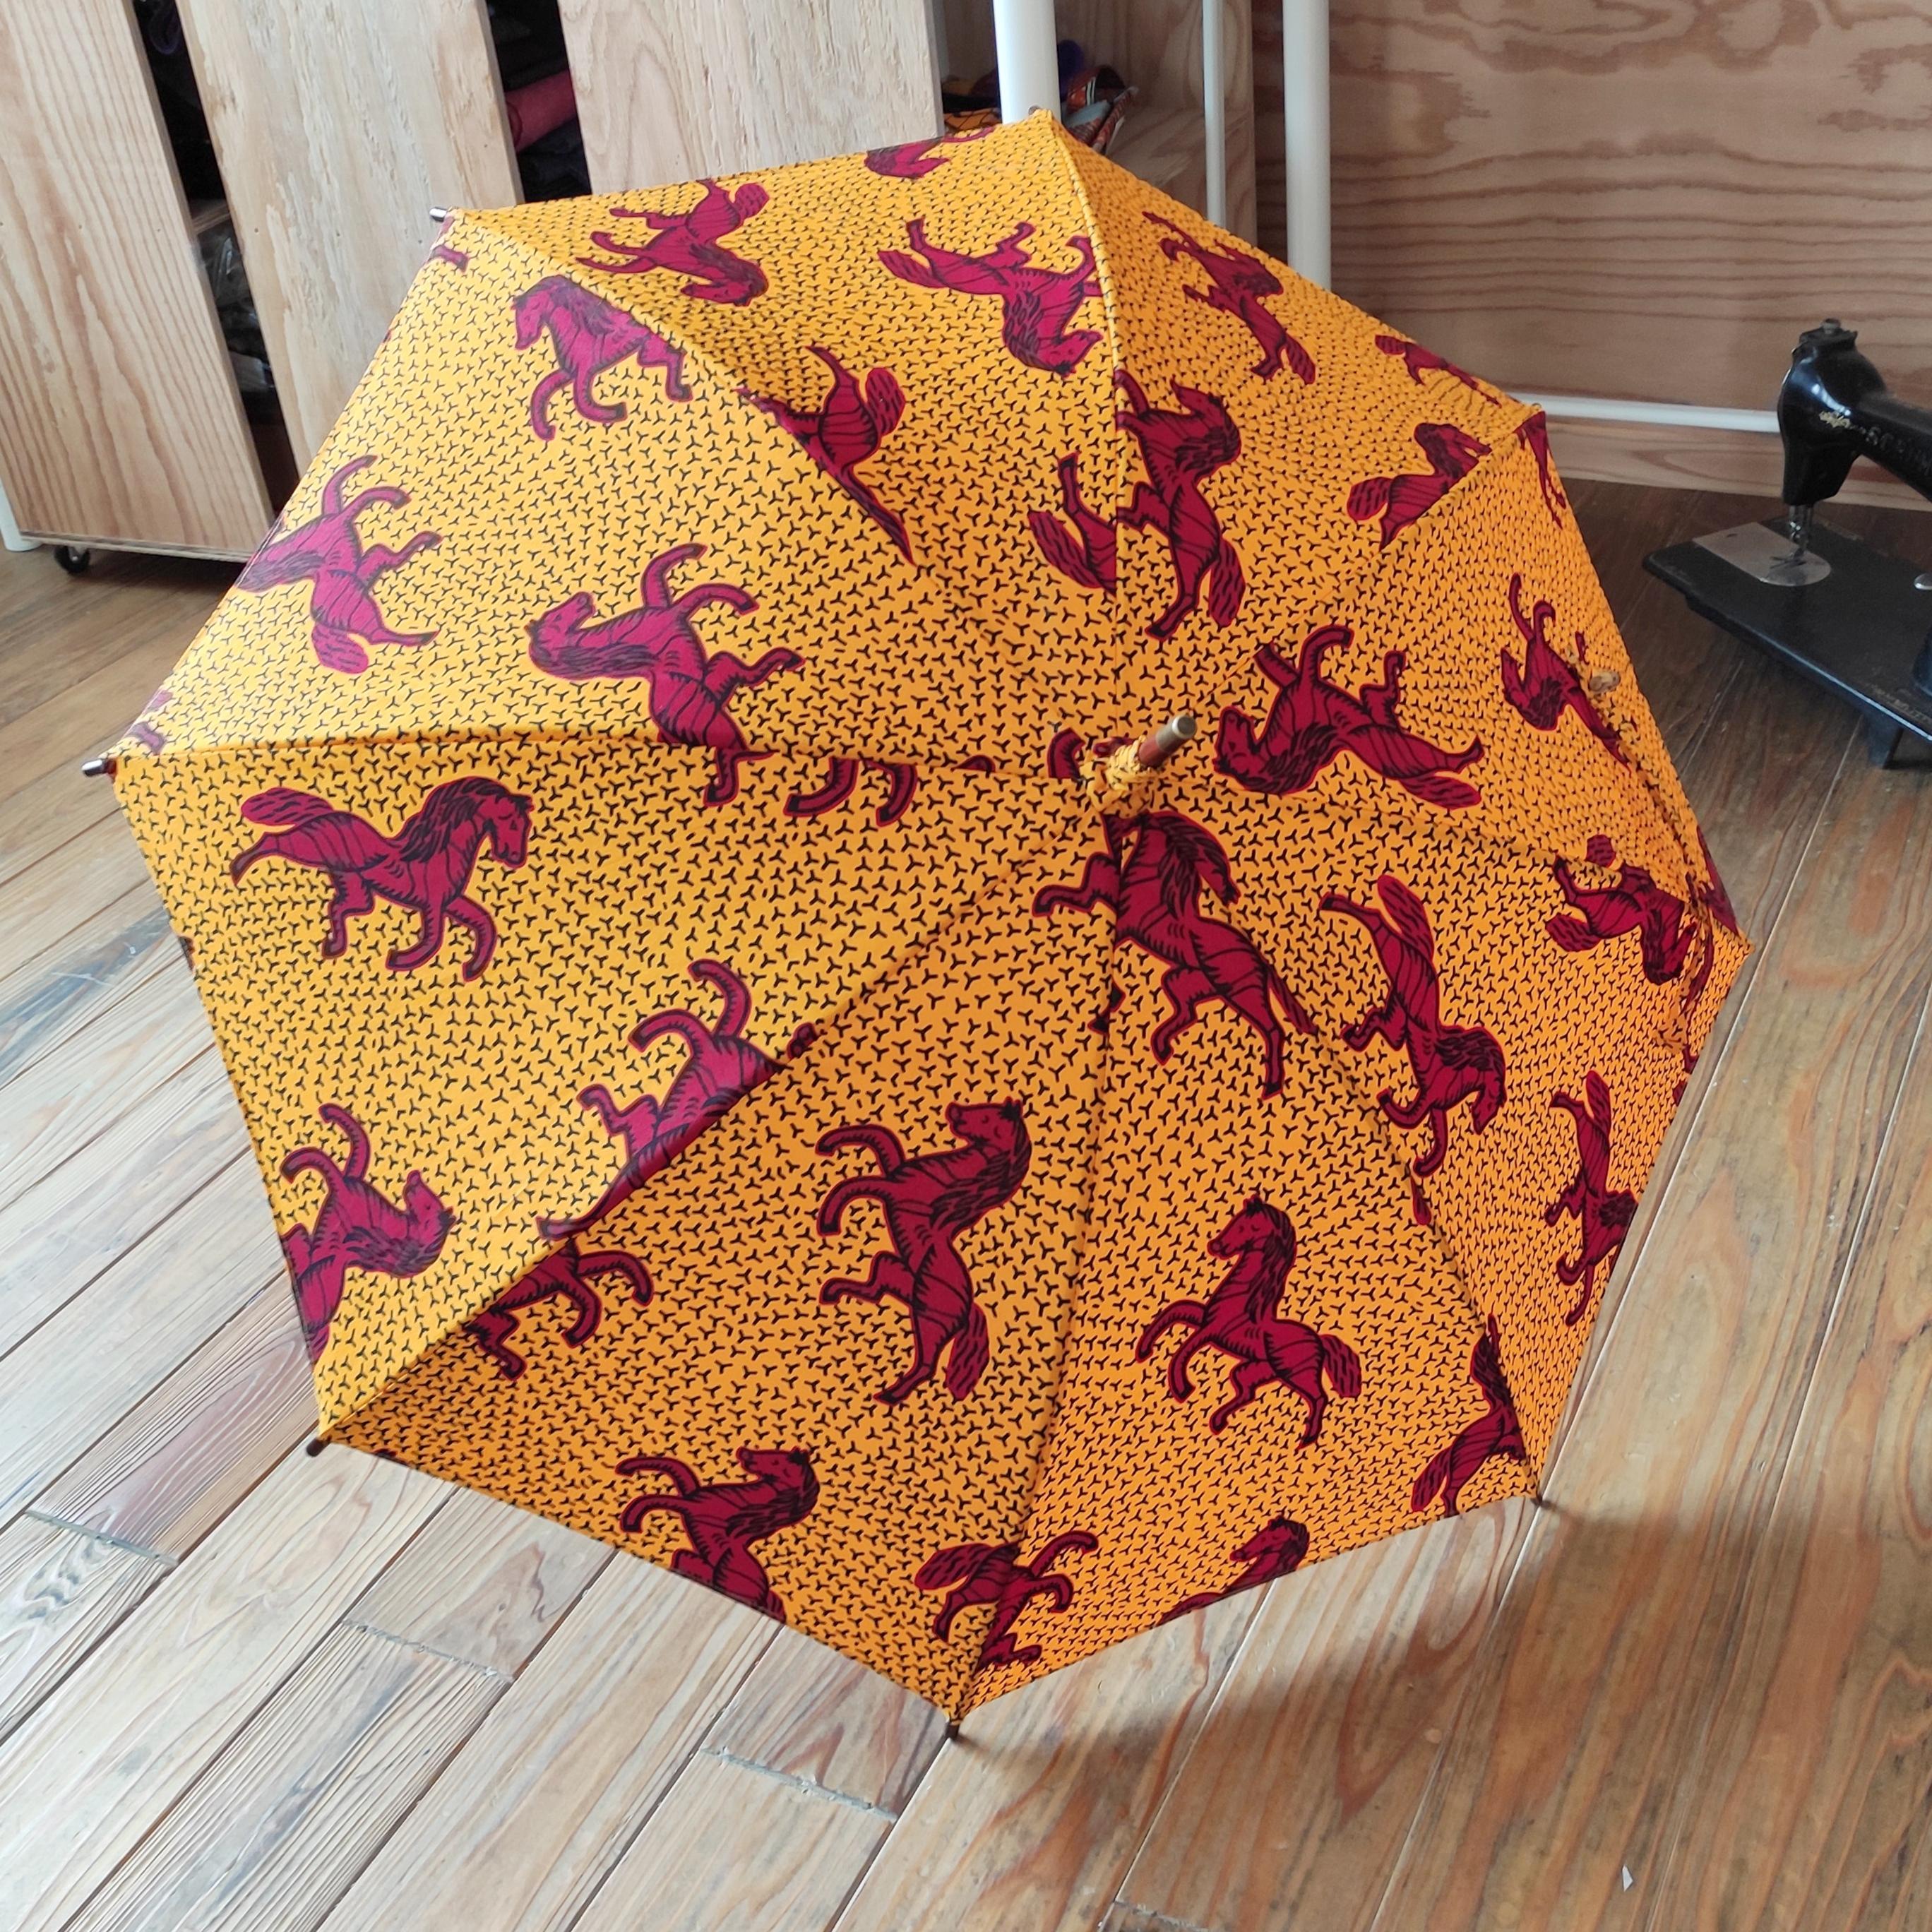 アフリカンファブリック  職人日傘新作入荷しました。